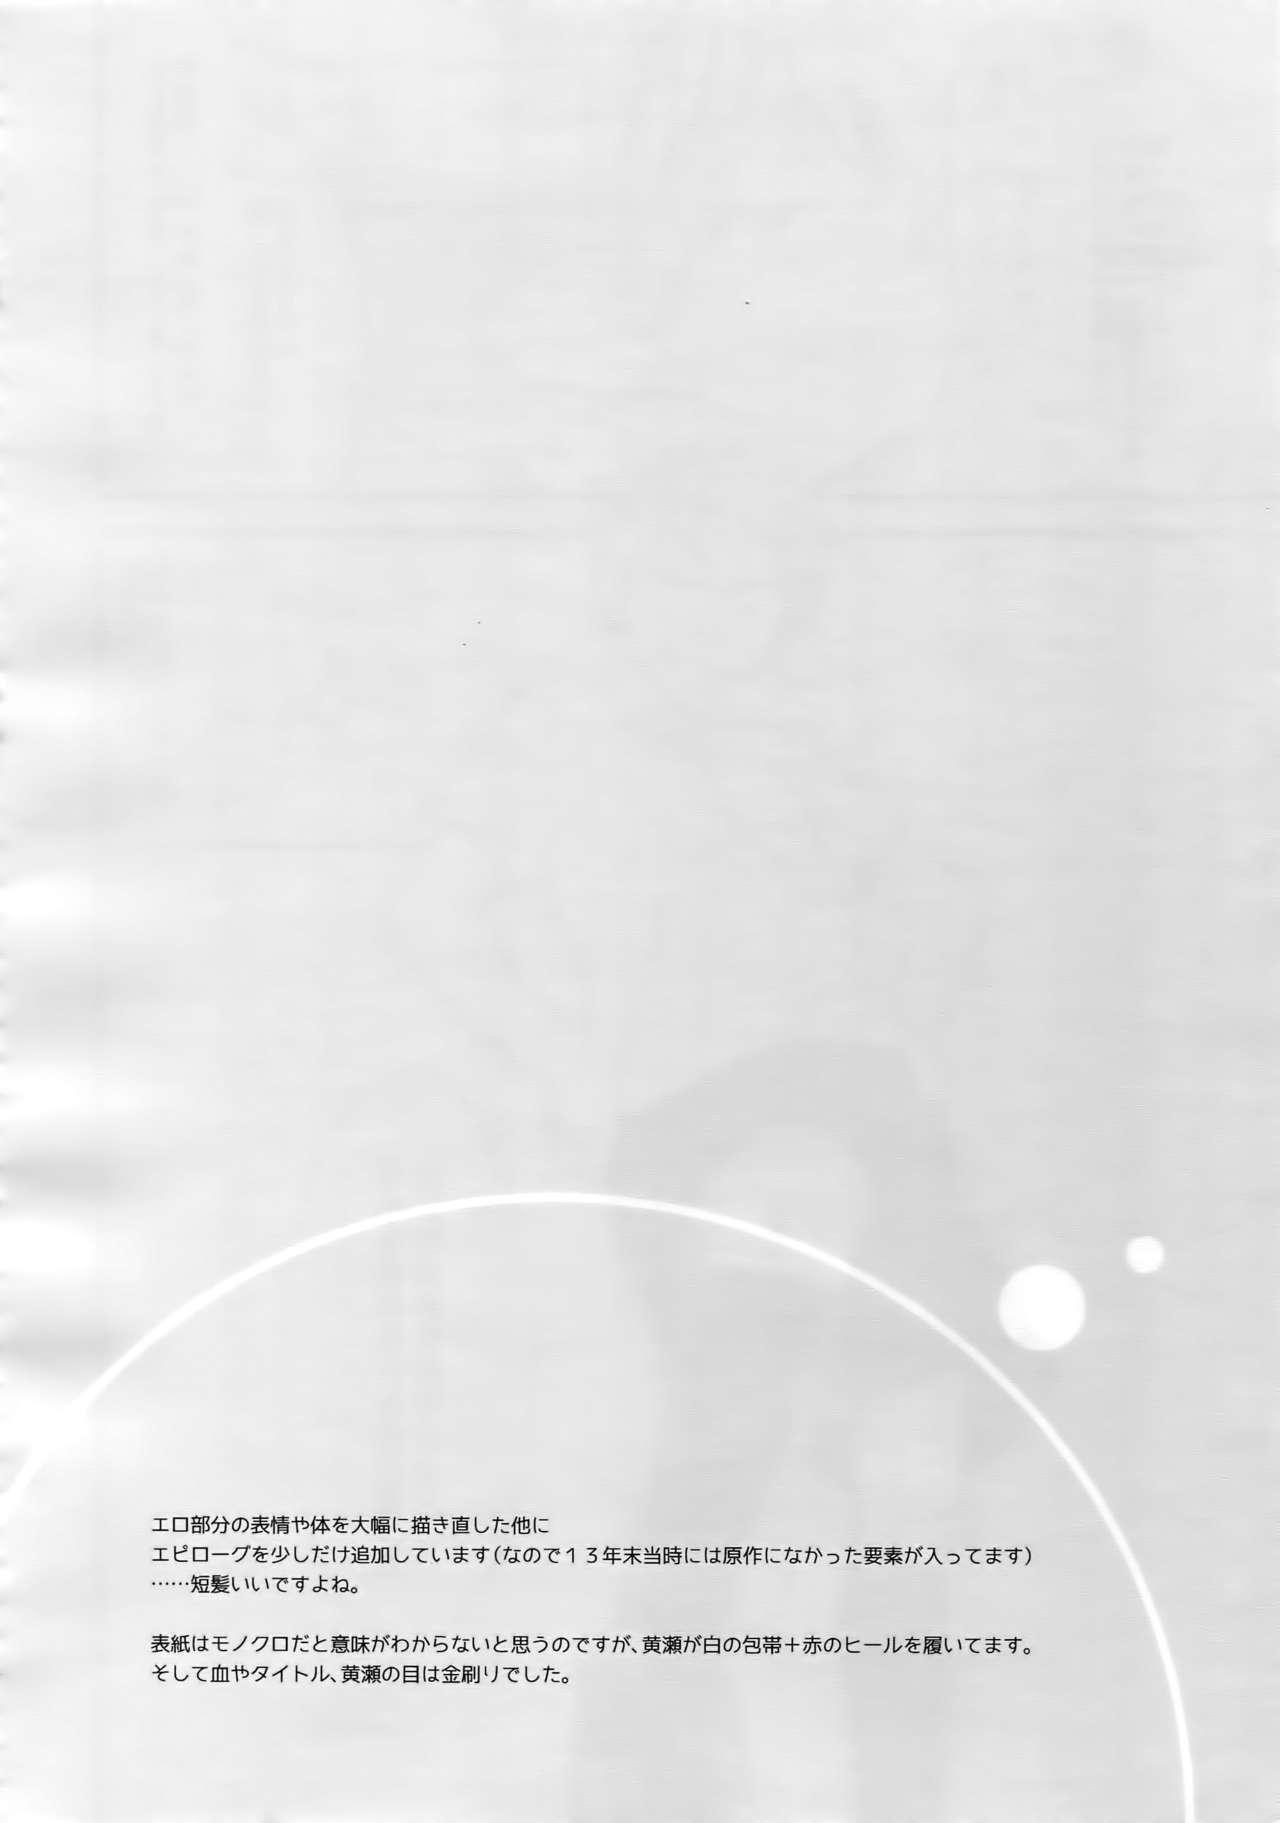 [Bakuchi Jinsei SP (Satsuki Fumi)] Kanpeki Kareshi to Zettai Ryouiki Ouji-sama - Another Version - (Kuroko no Basket) 150